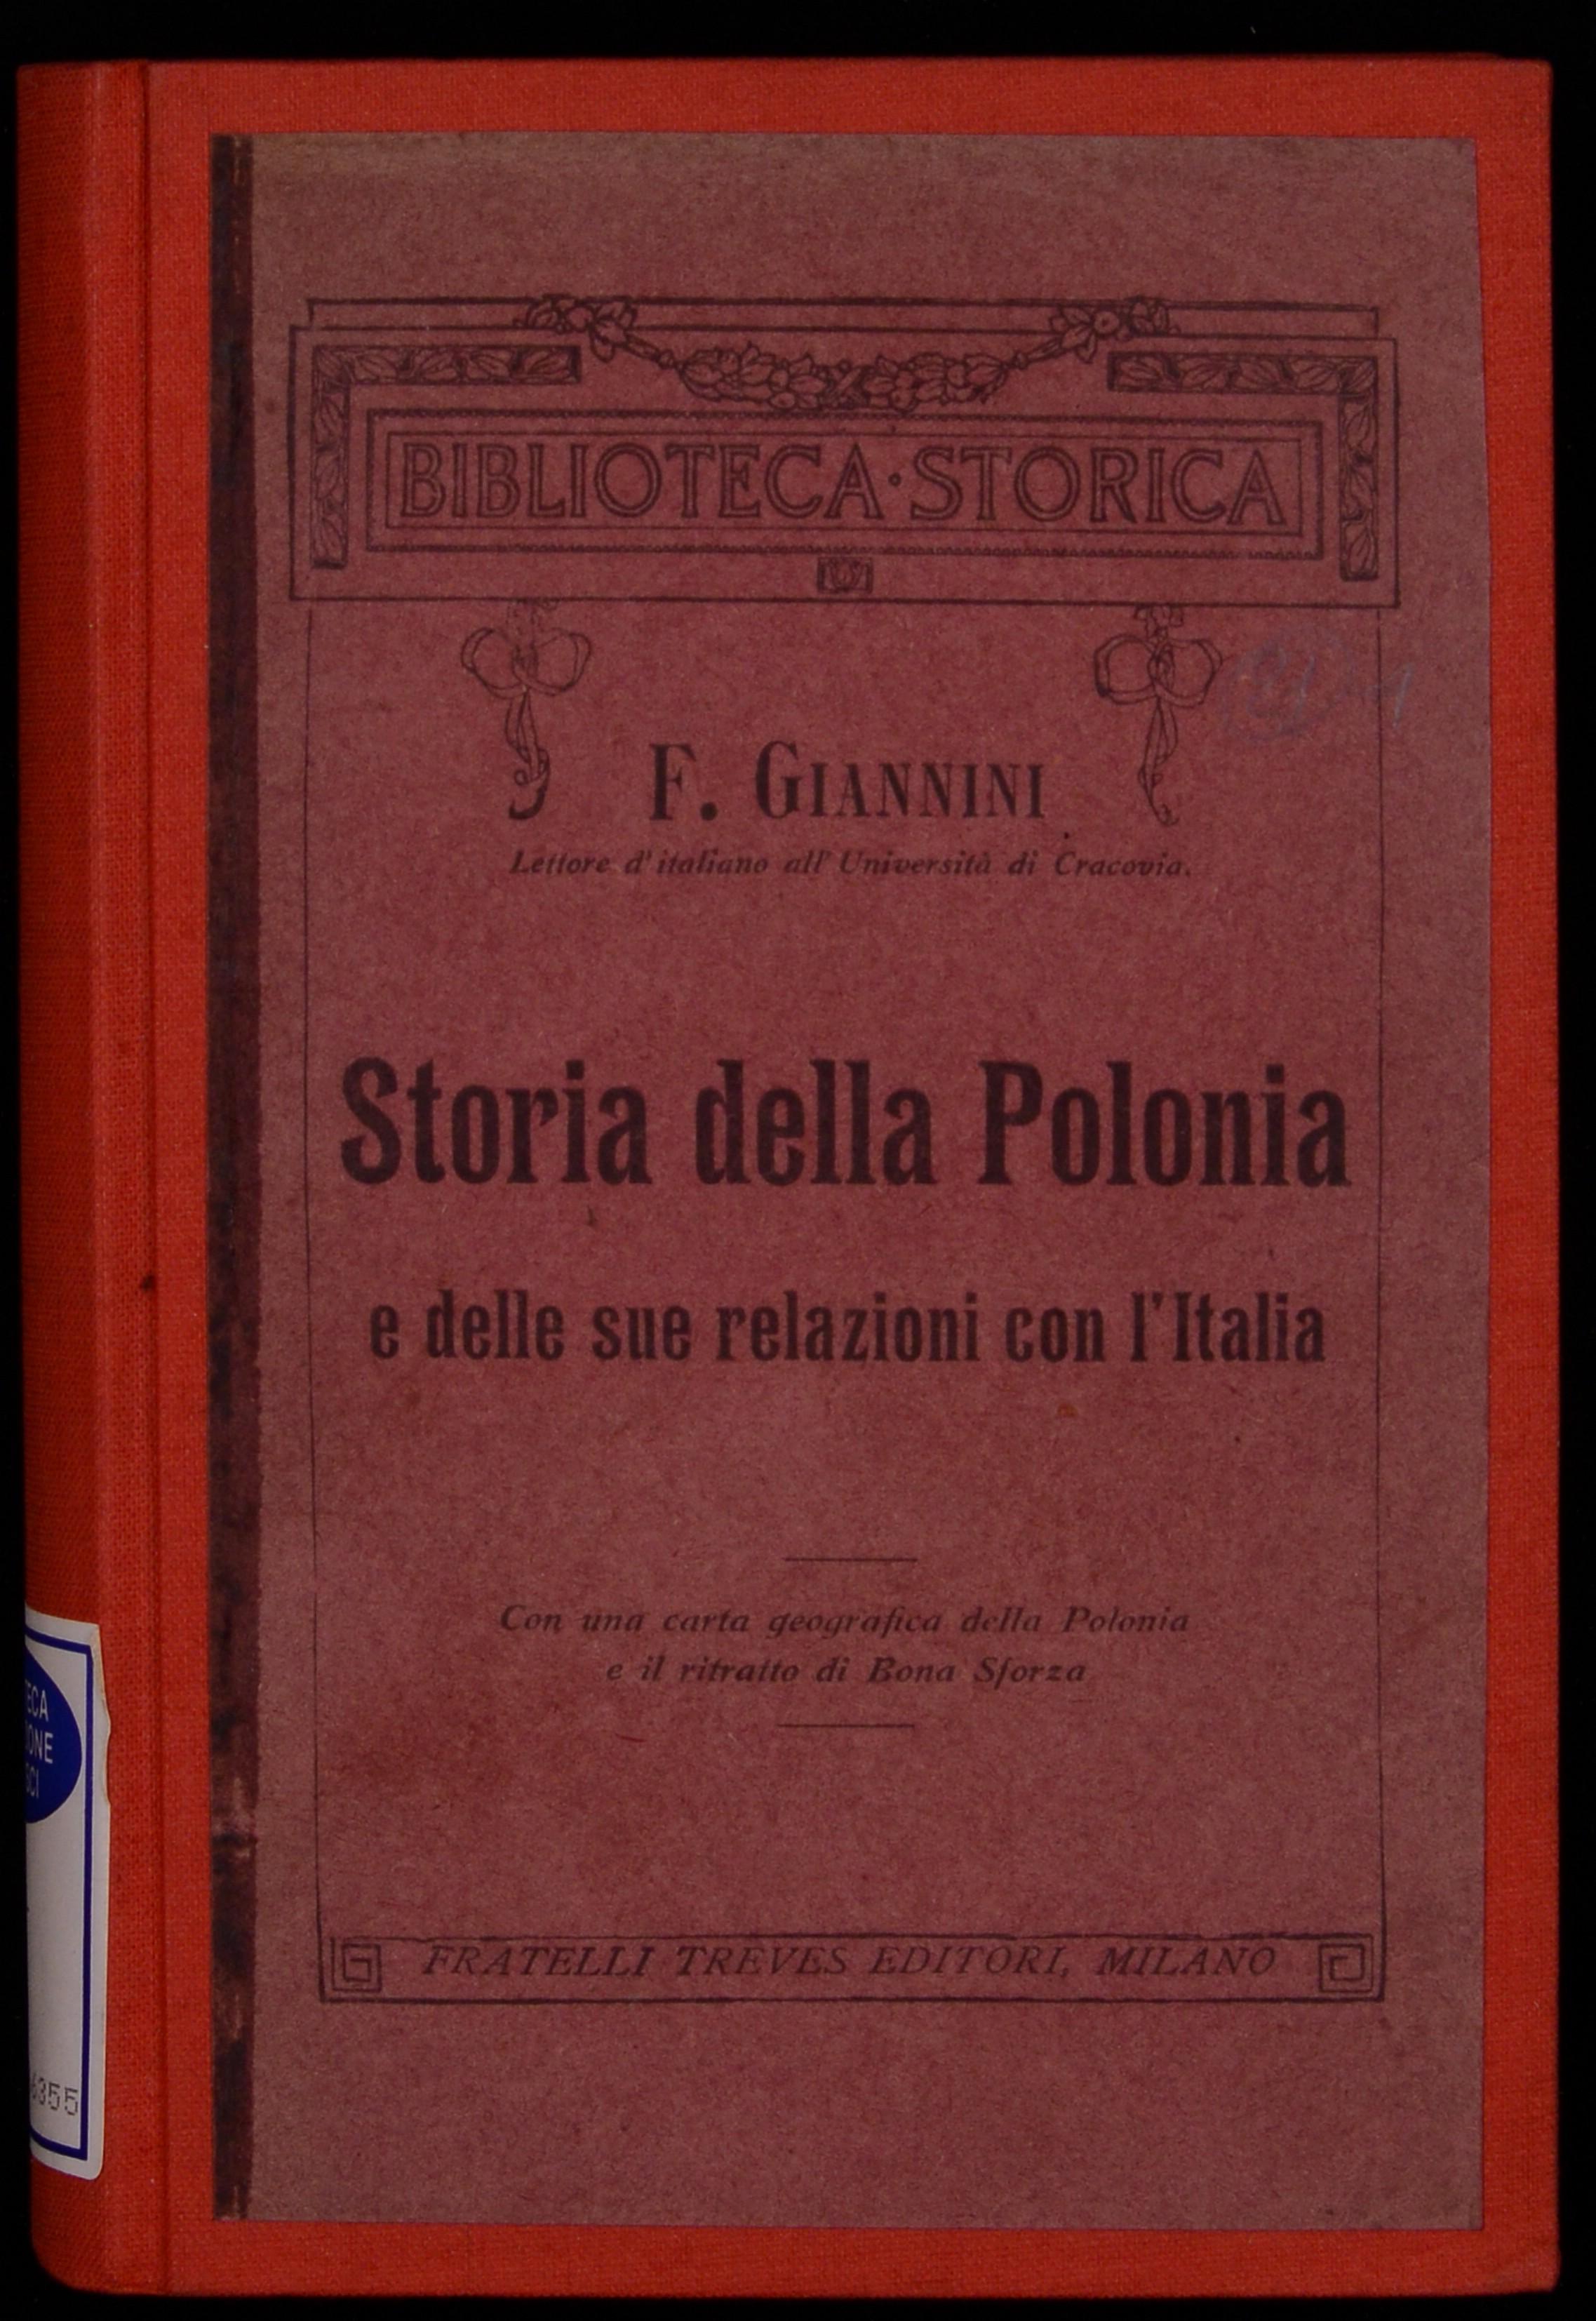 Storia della Polonia e delle sue relazioni con l'Italia